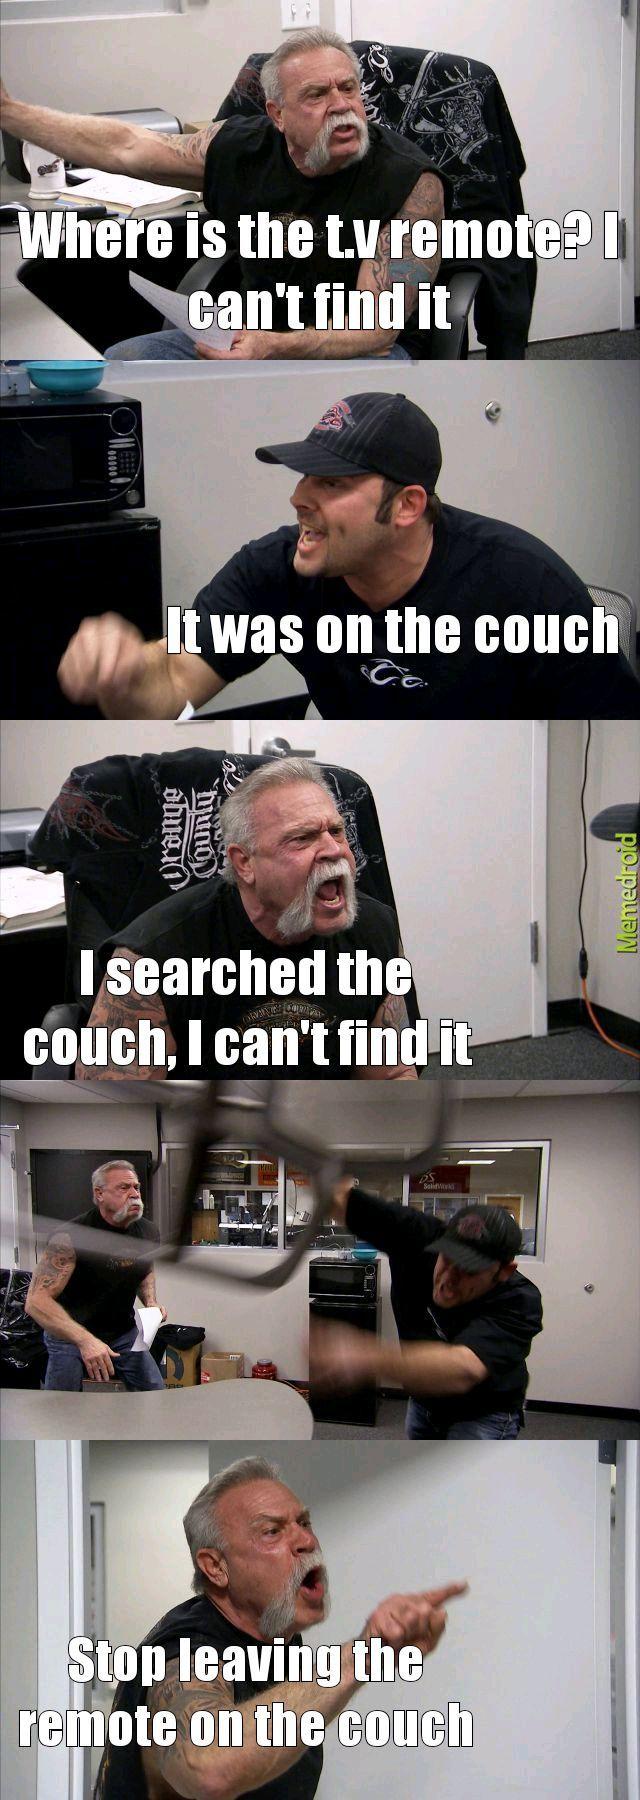 Remote - meme